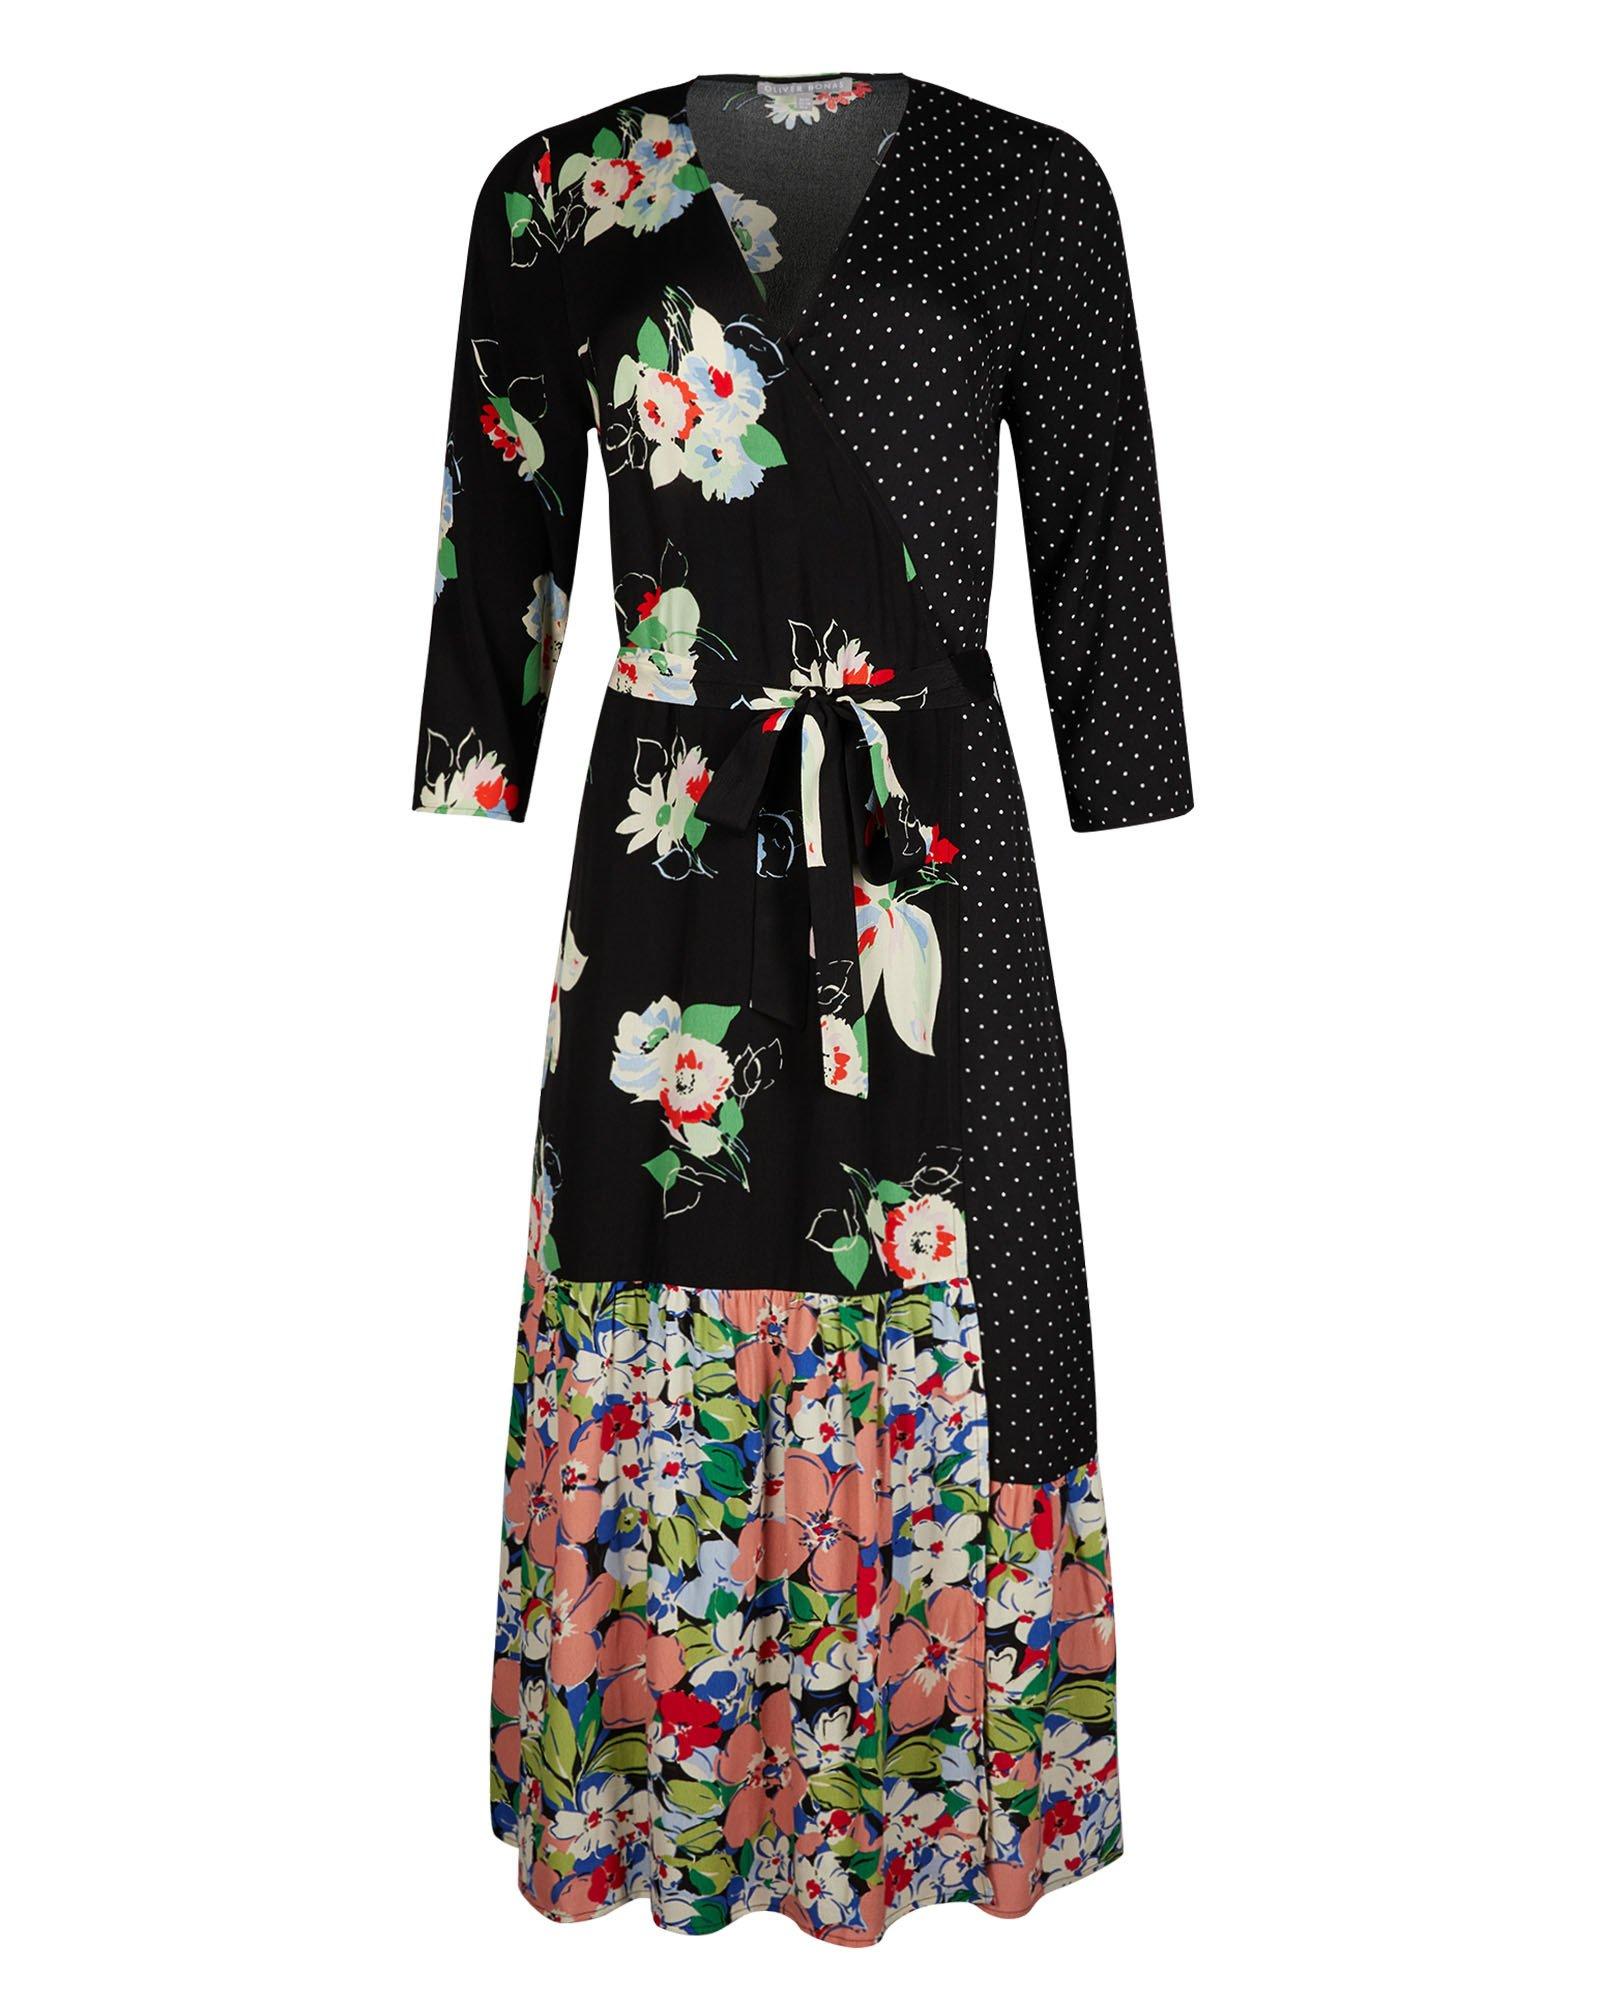 Patched Floral Print & Polka Dot Black Midi Wrap Dress